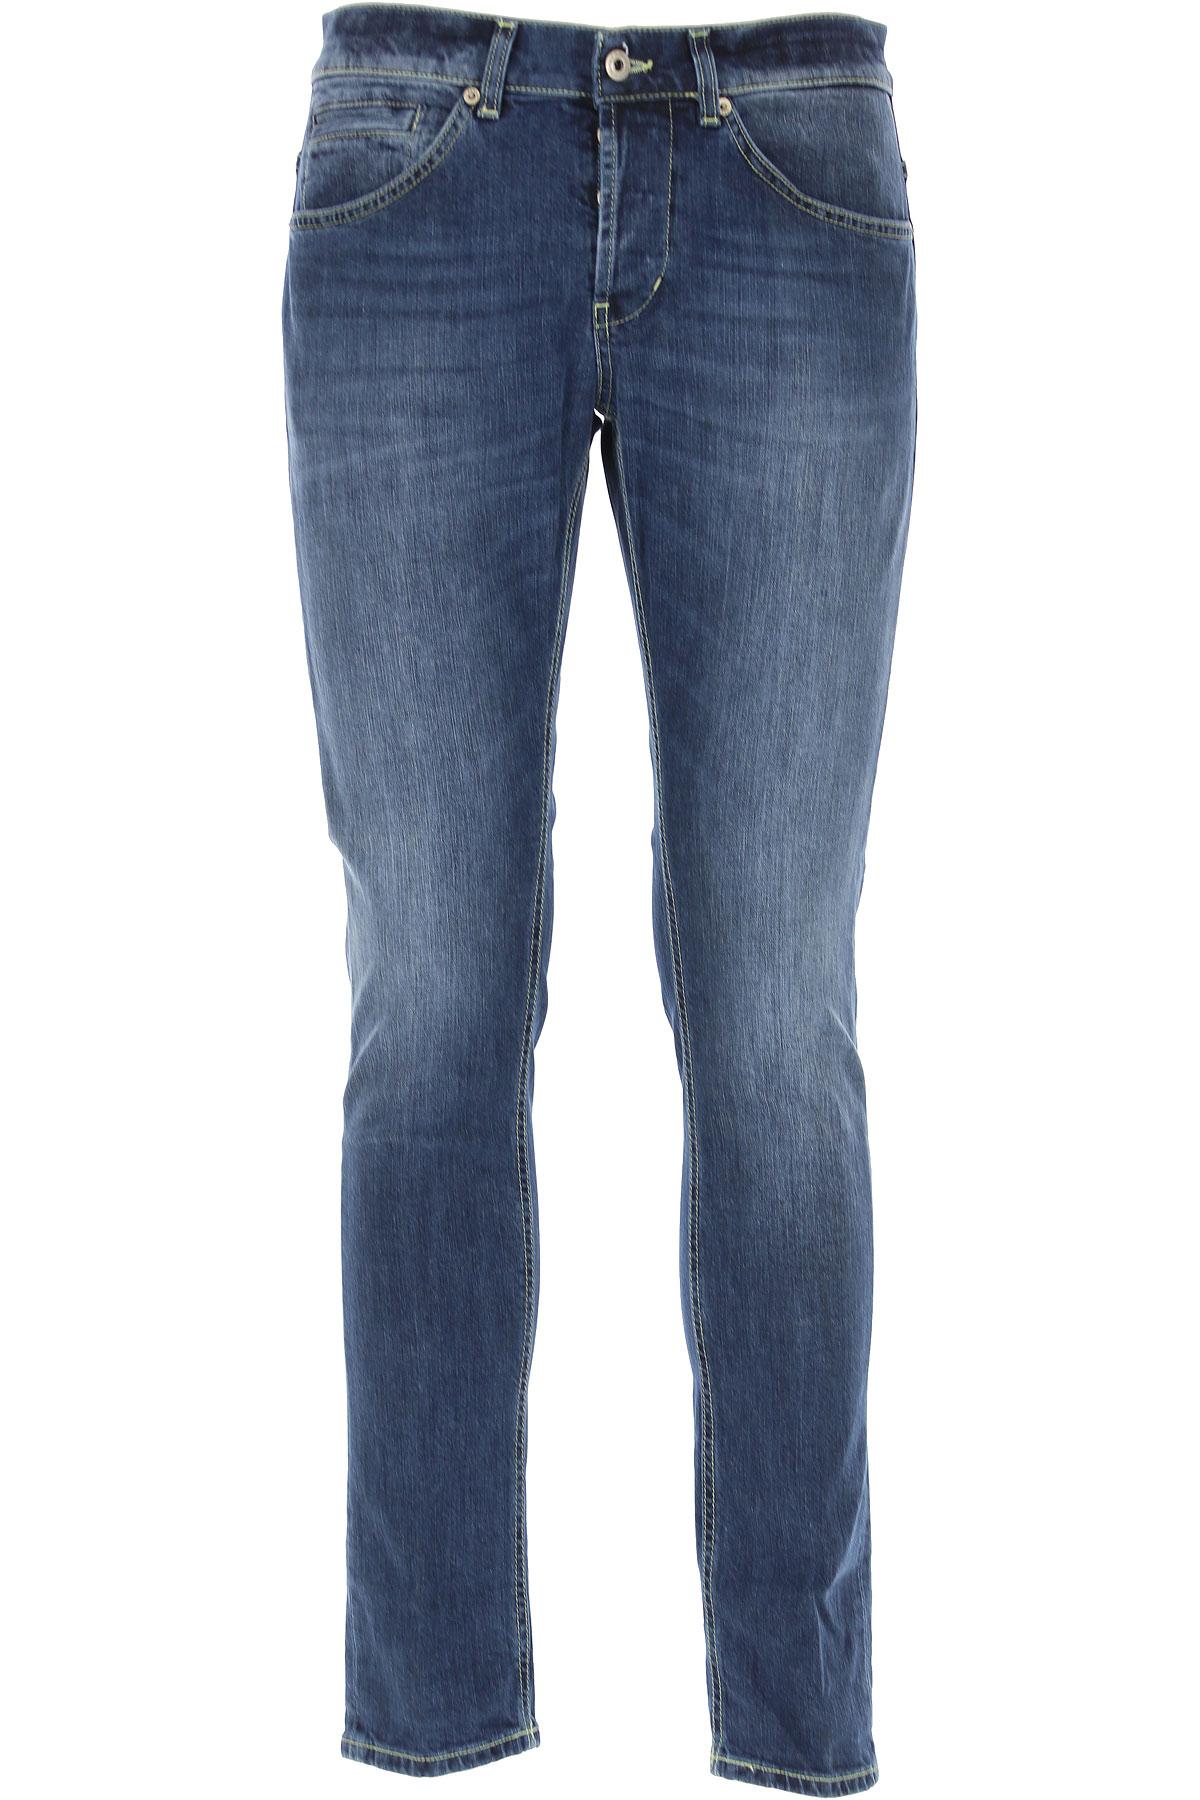 Dondup Jeans, Denim Blue, Cotton, 2019, 29 31 38